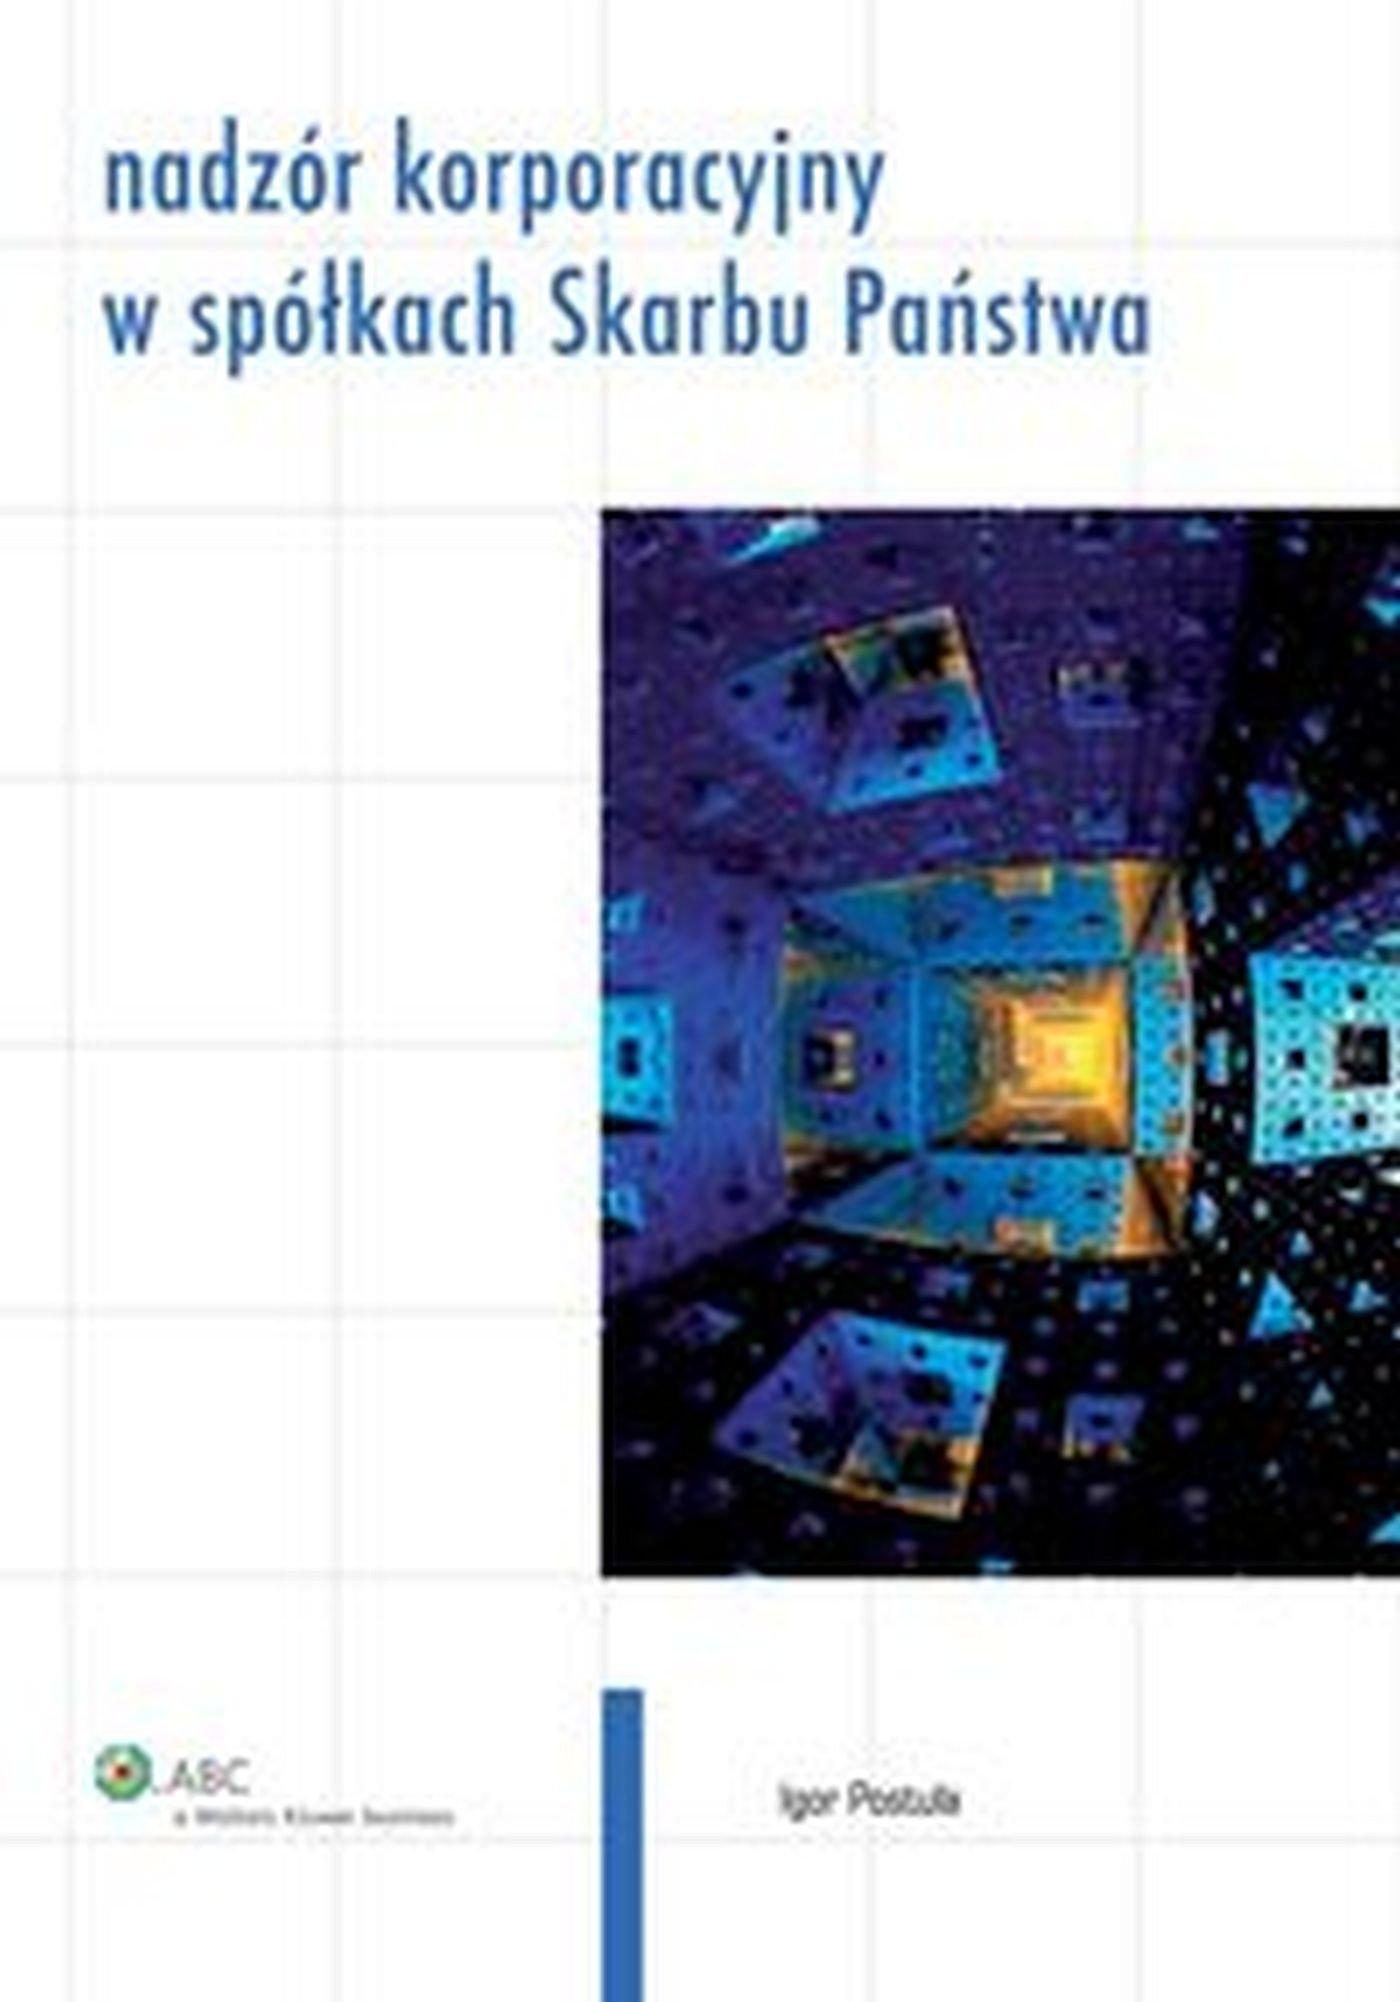 Nadzór korporacyjny w spółkach Skarbu Państwa - Ebook (Książka EPUB) do pobrania w formacie EPUB